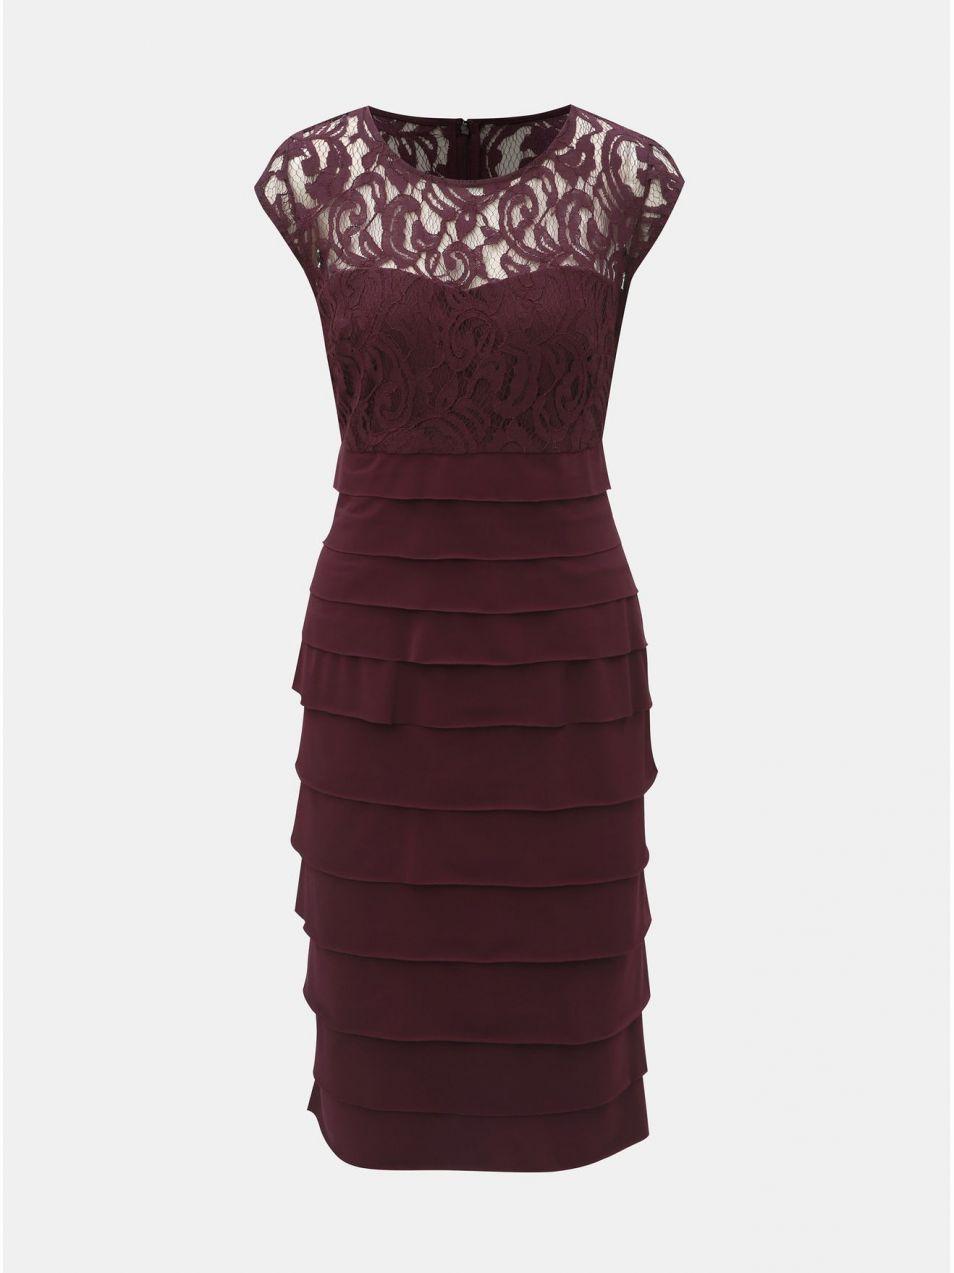 Fialové šaty s čipkovaným detailom Dorothy Perkins značky Dorothy Perkins -  Lovely.sk 1e602948bf0